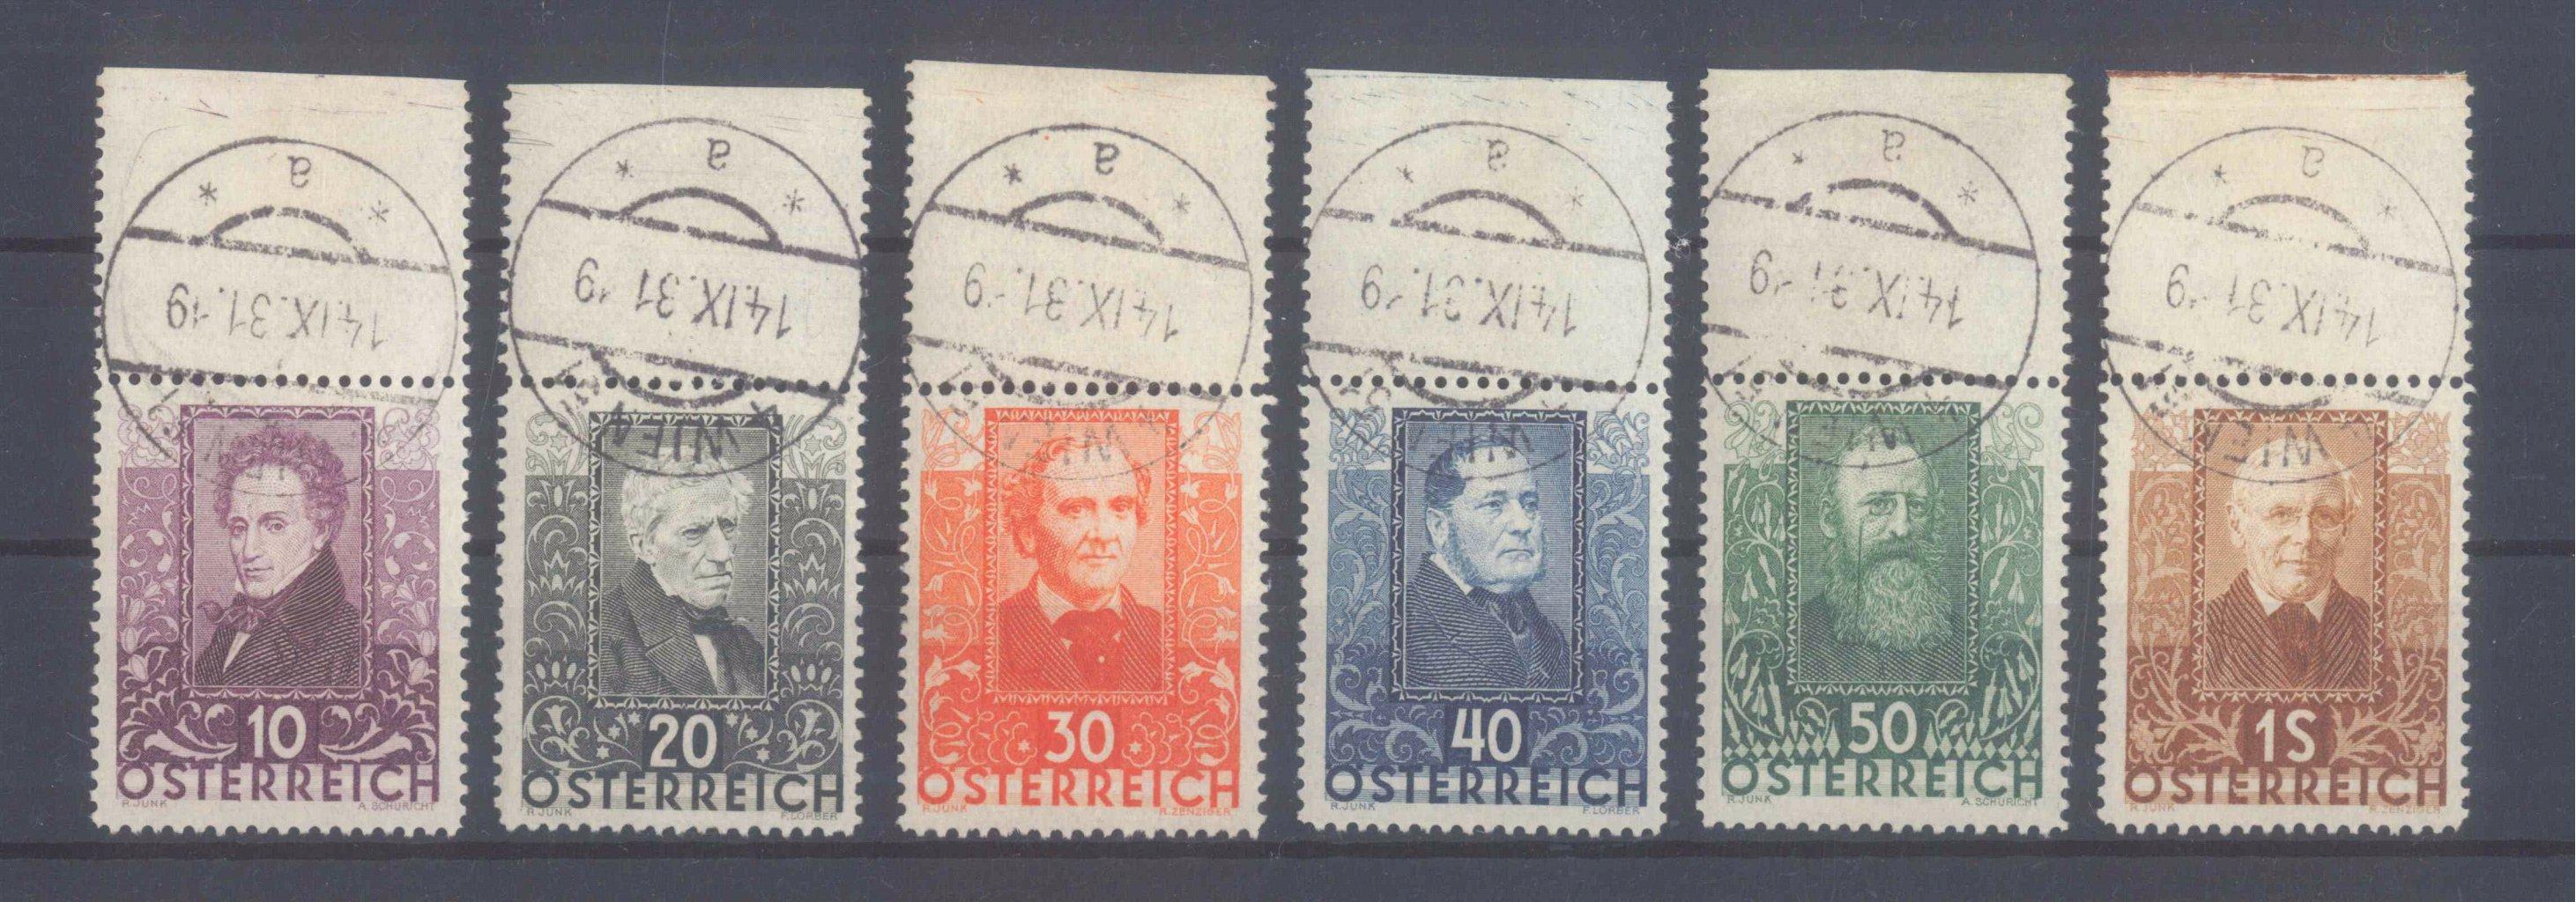 ÖSTERREICH 1931, Wohlfahrt: Österreichische Dichter